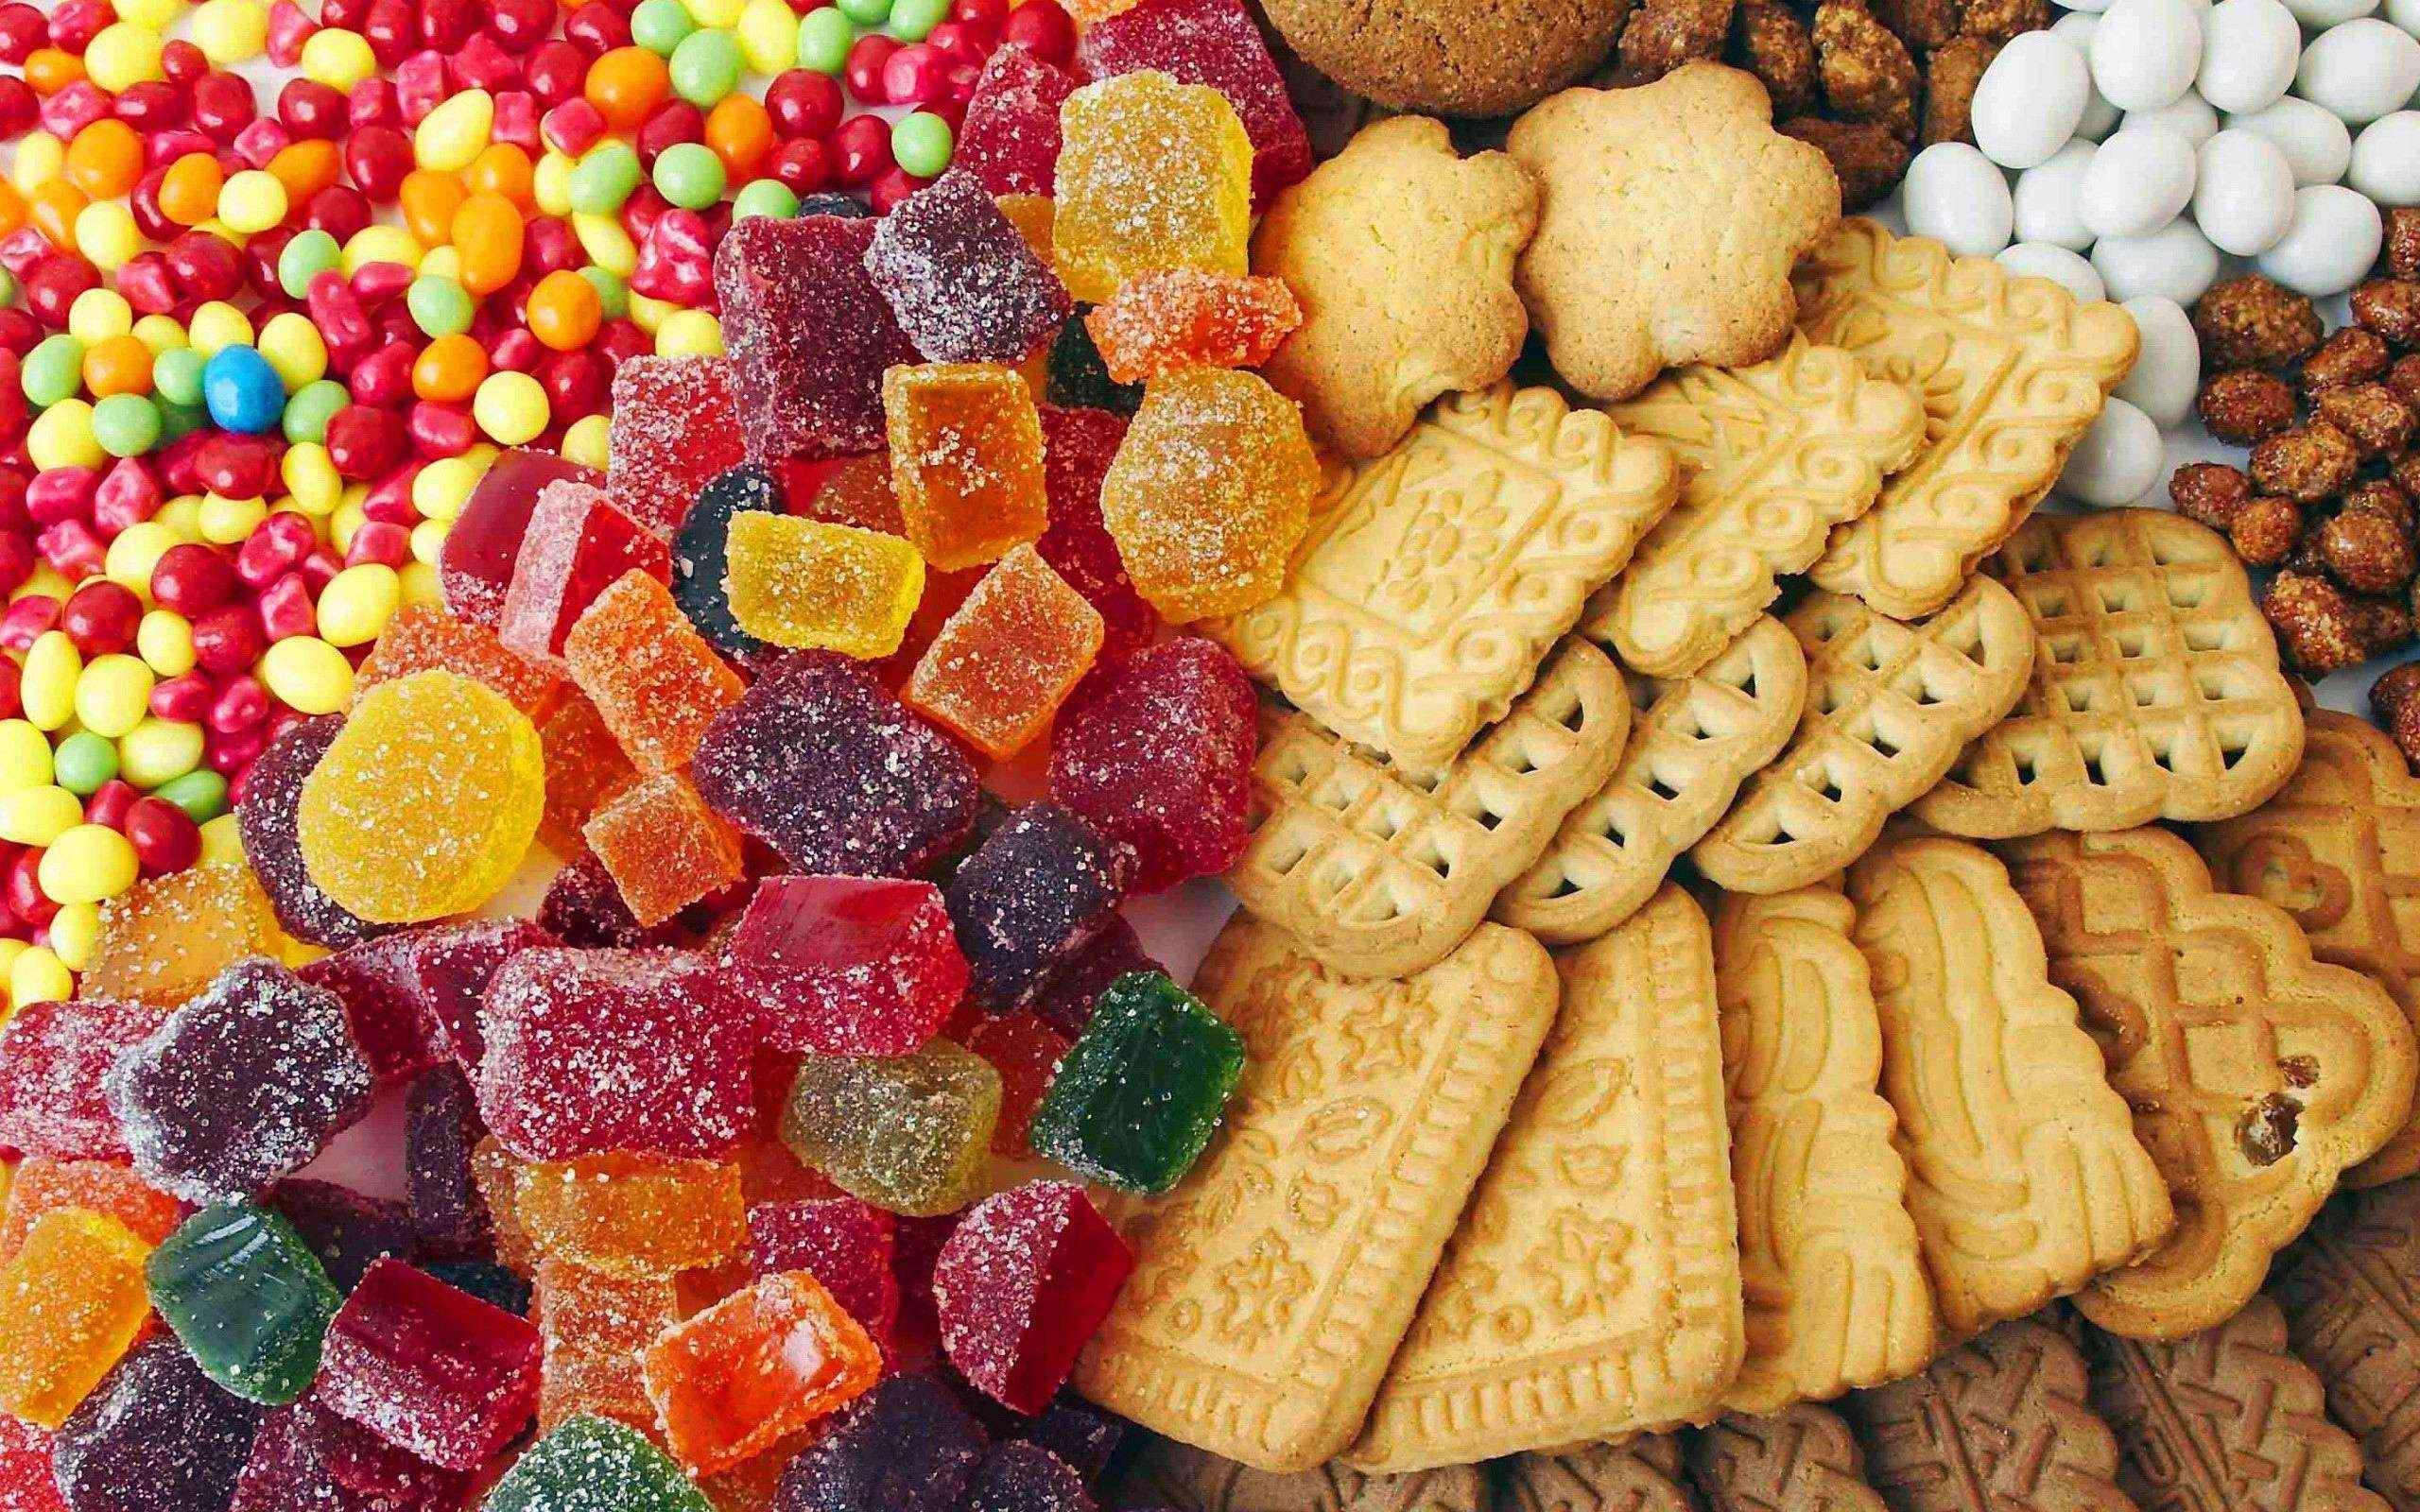 Исследование: употребление сладкого «заставляет» есть чаще